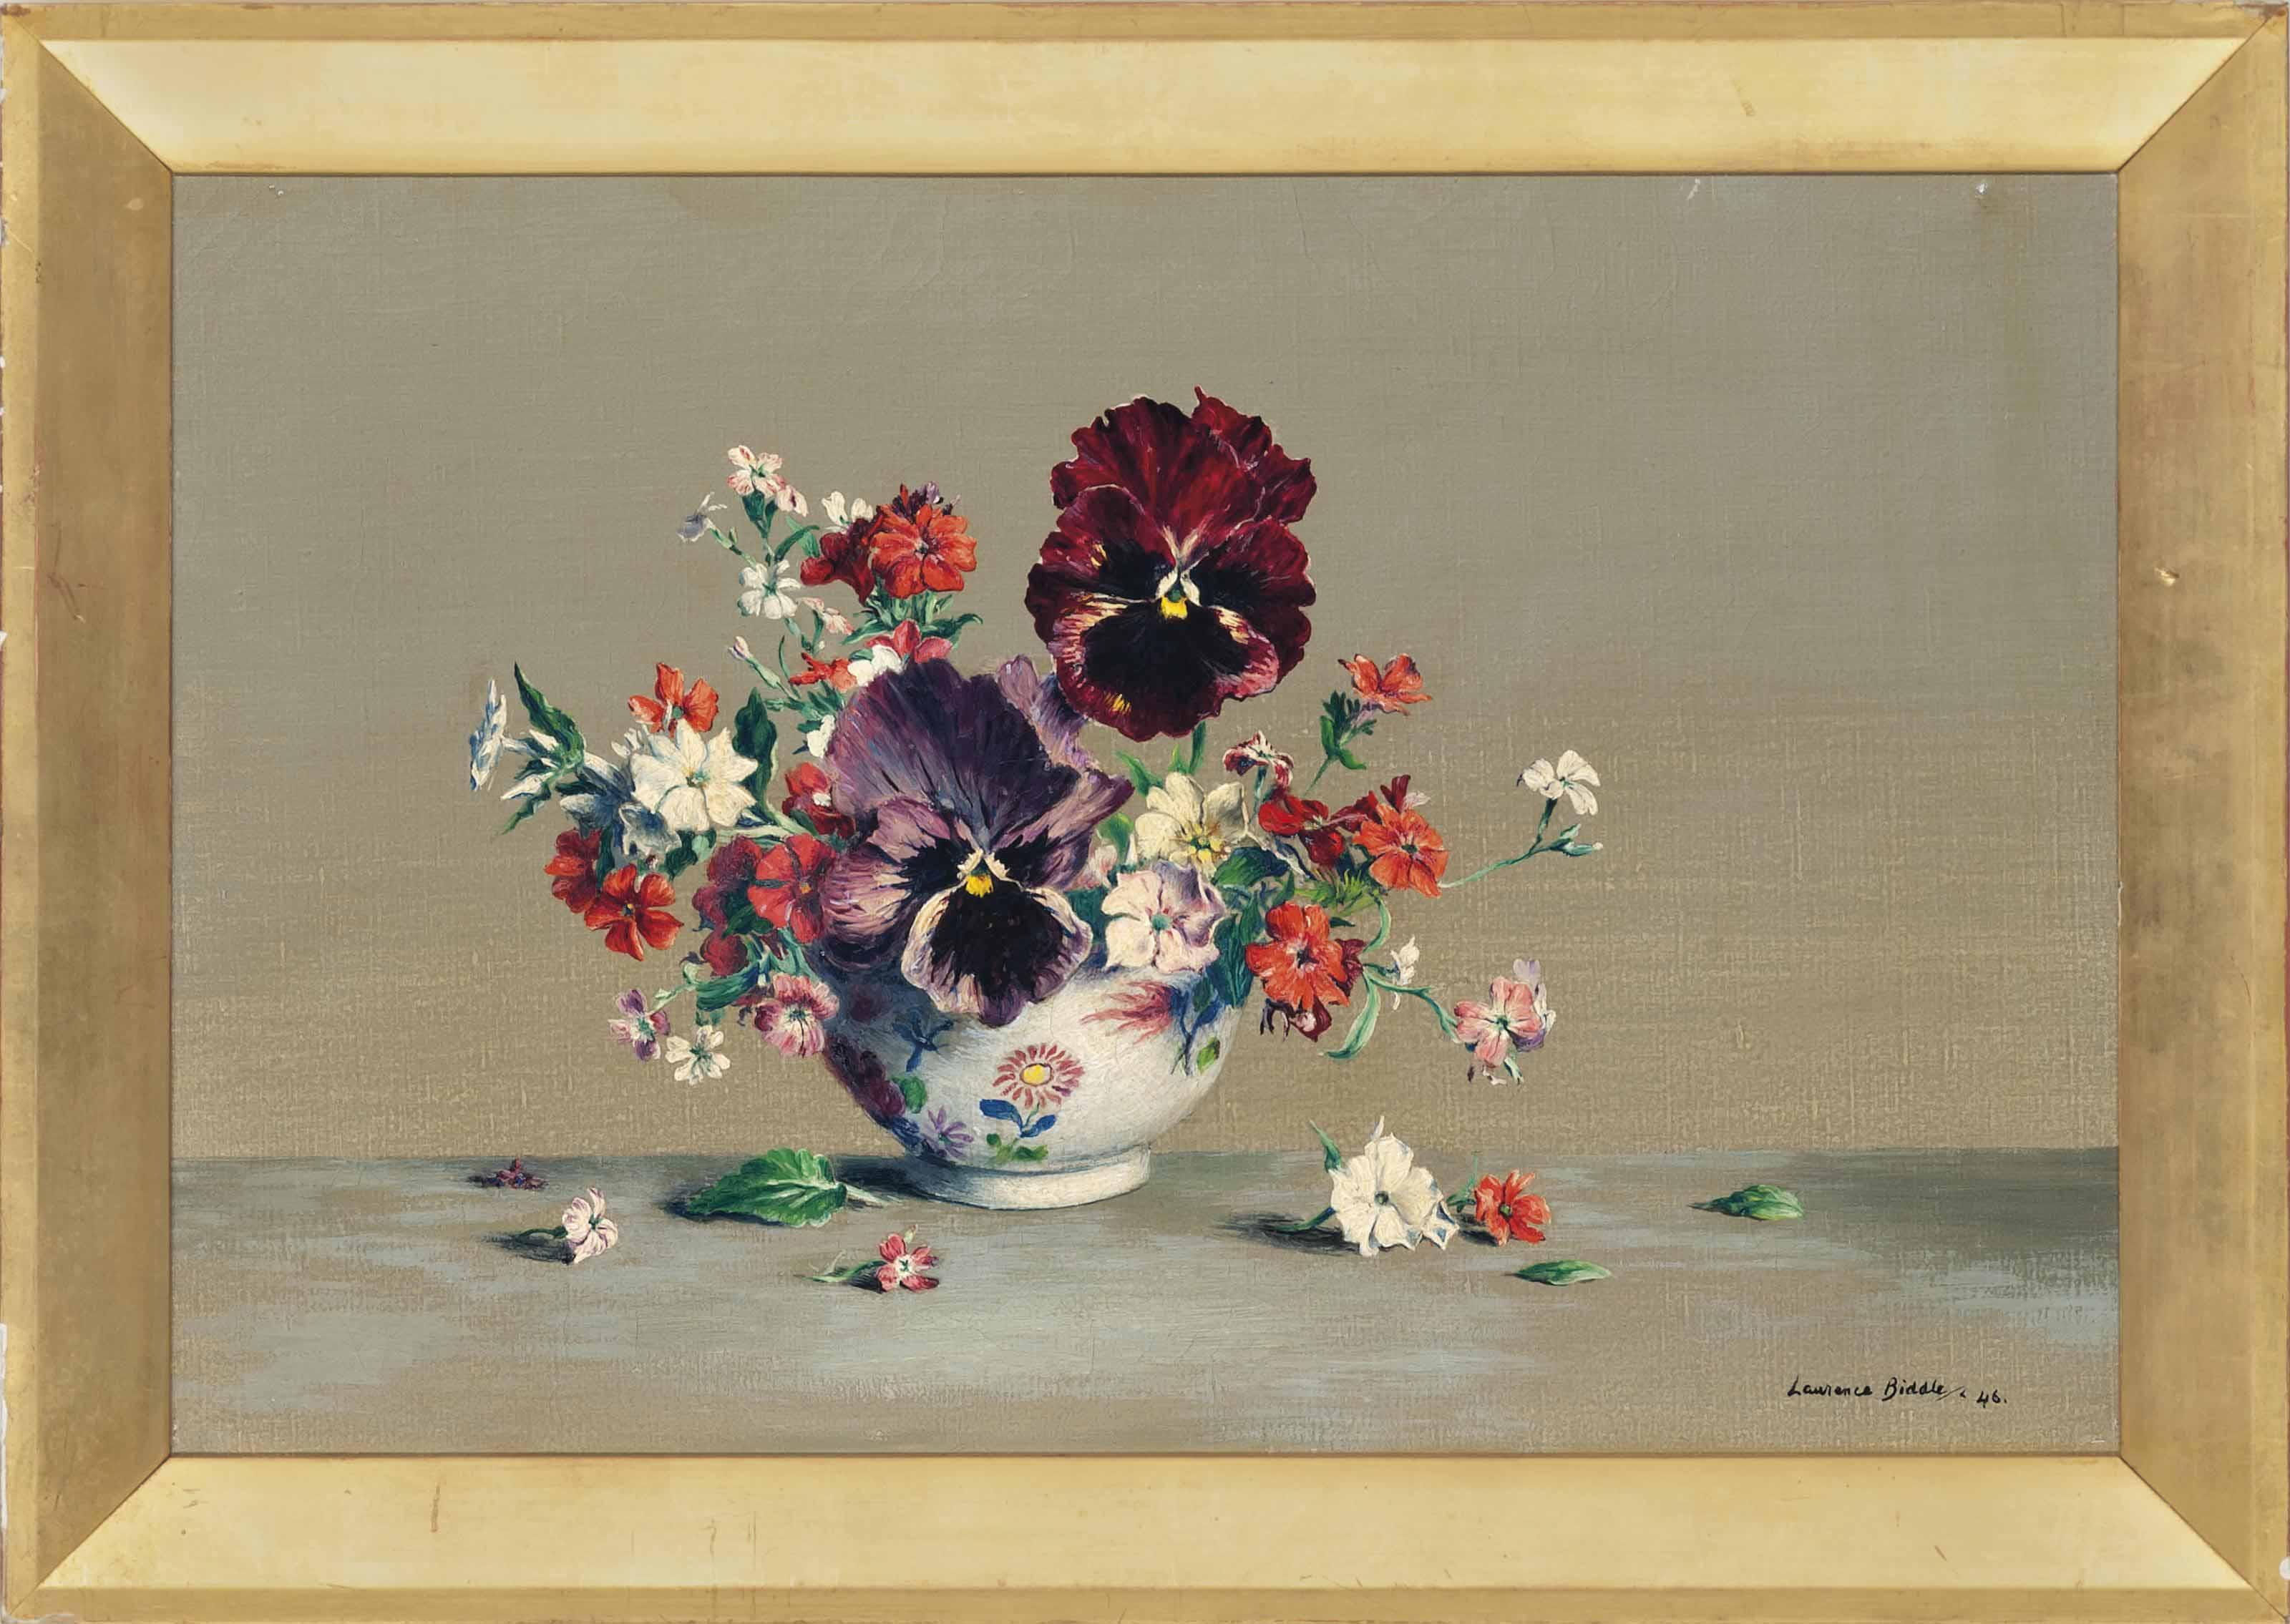 Pansies, primroses and geraniums in a vase